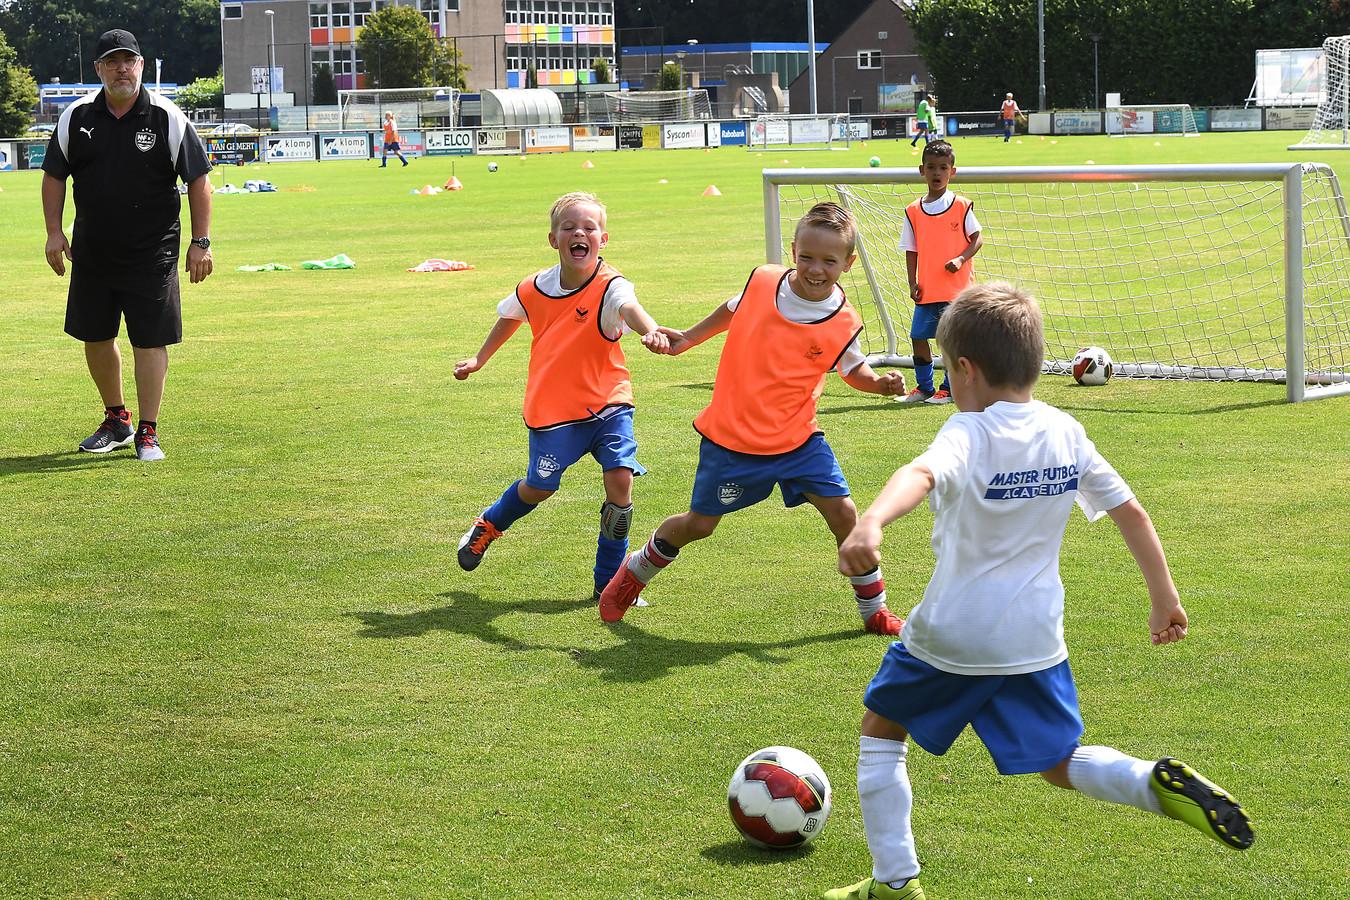 Spaanse trainer van topclub Espanyol uit Barcelona geeft les aan jeugd bij Juliana Mill.